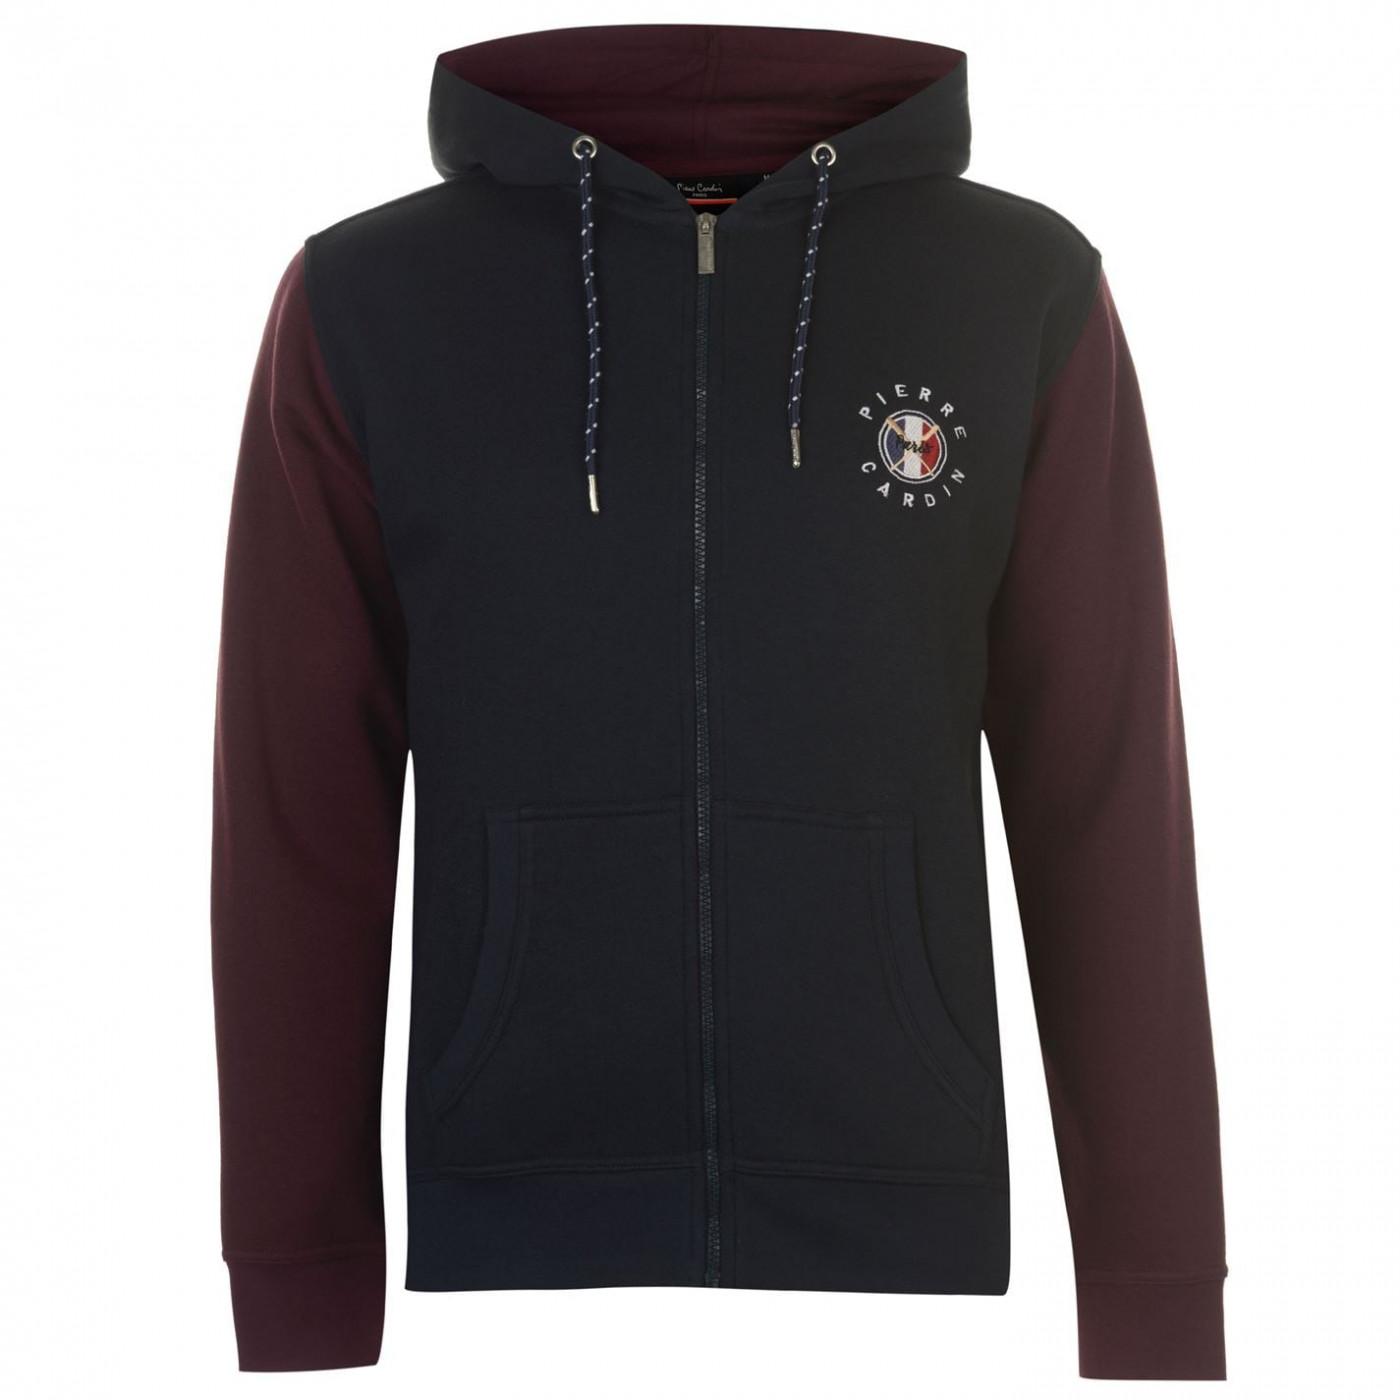 Men's hoodie Pierre Cardin Badge Zip Up